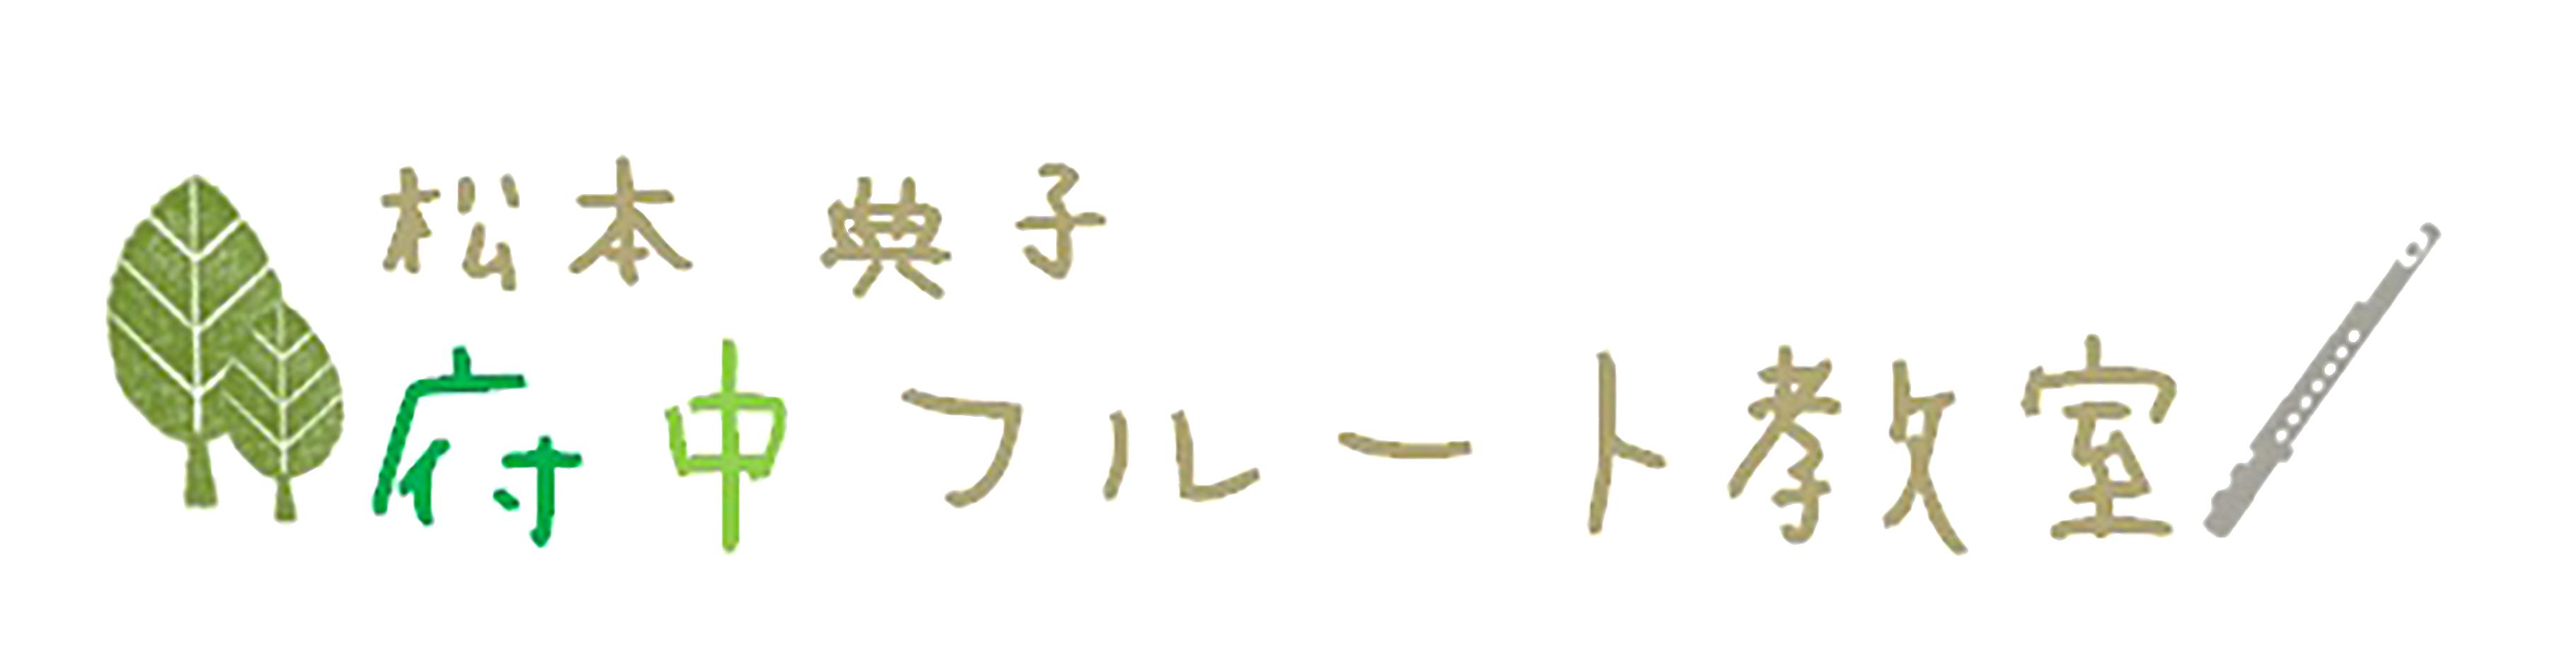 松本典子 府中フルート教室